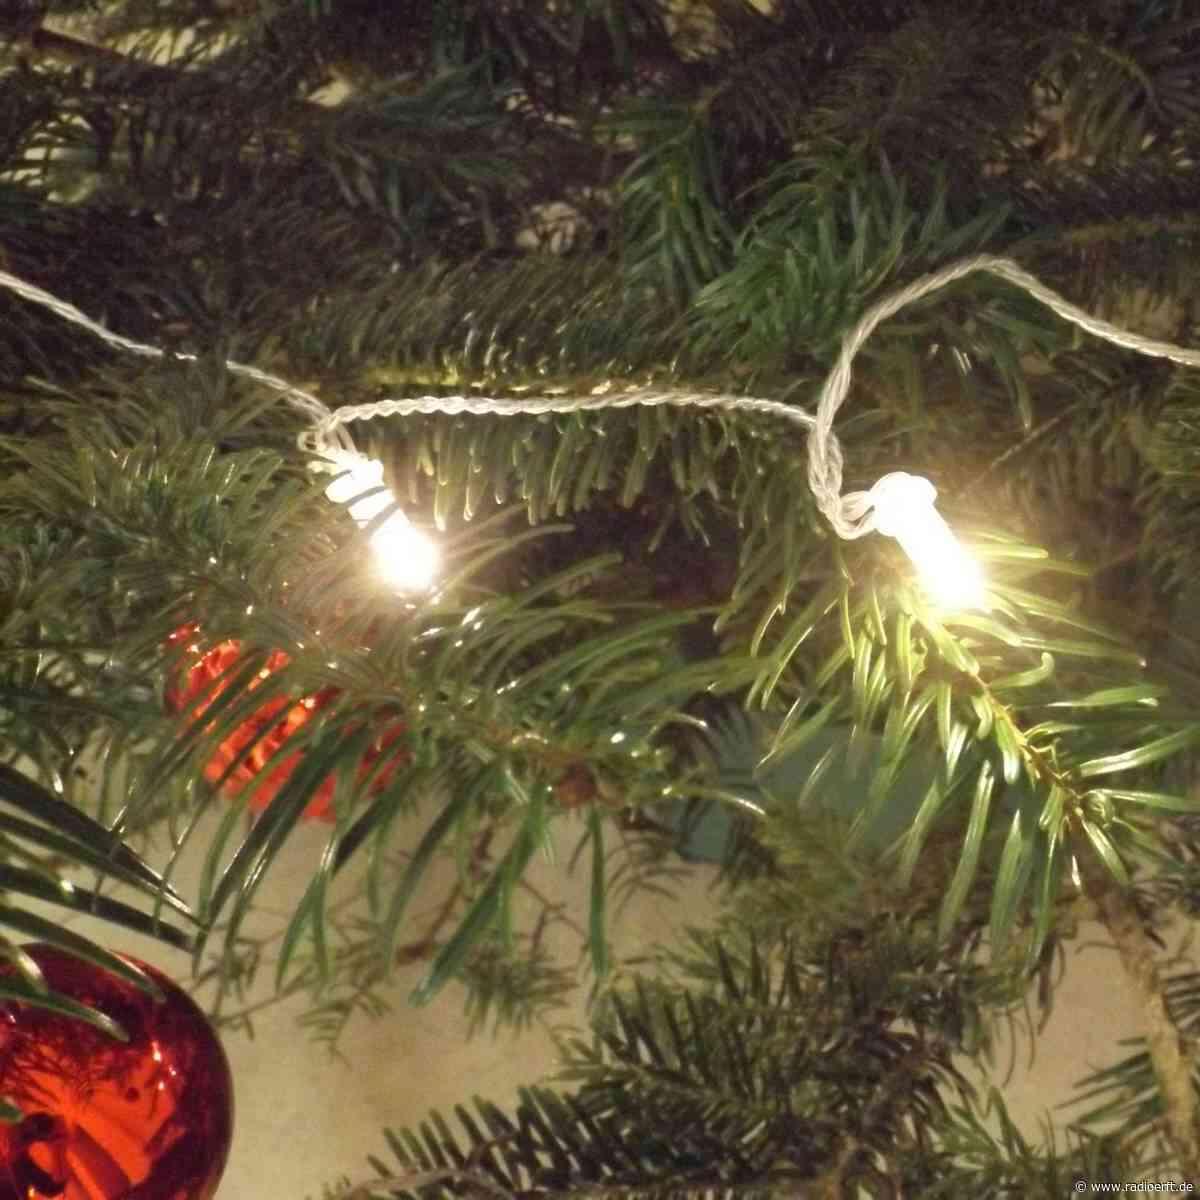 Wesseling: Weihnachtswunschbaum-Aktion startet - radioerft.de